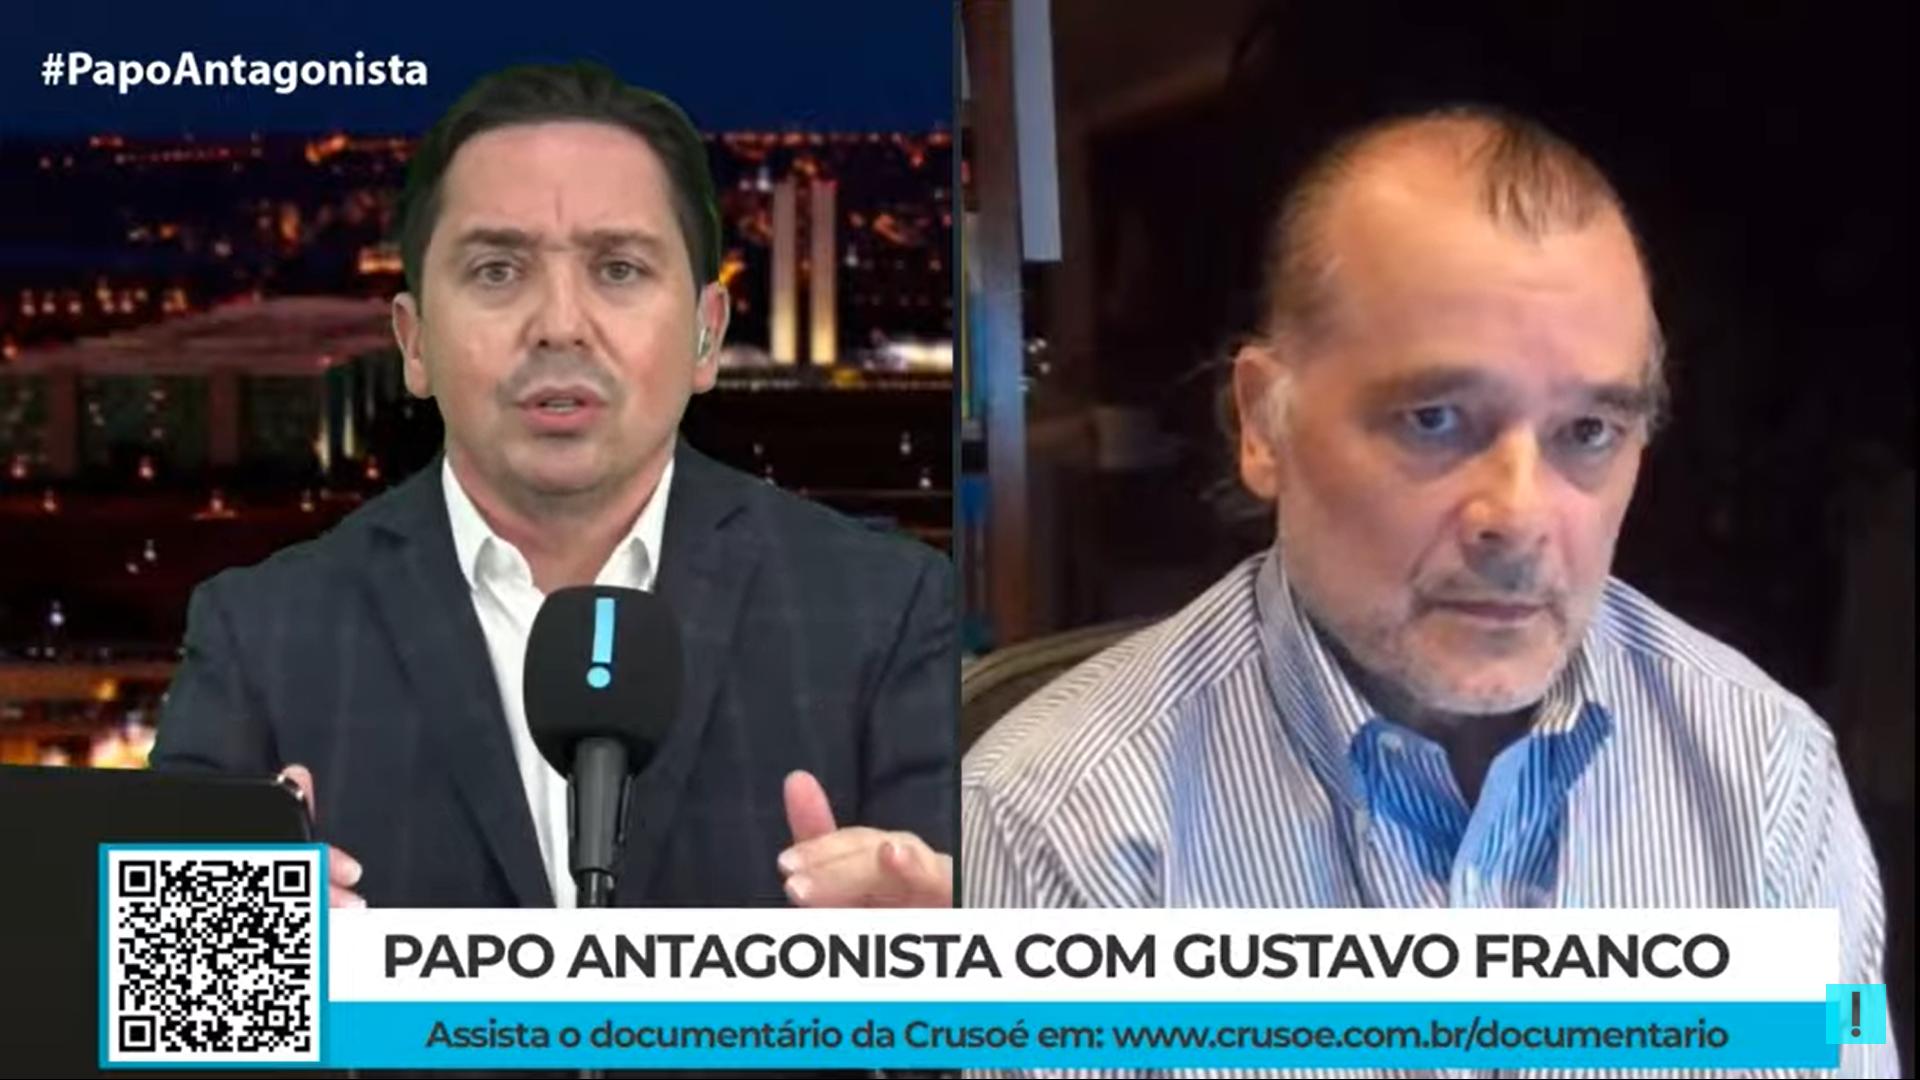 """IMAGEM: """"A reforma possível é quase um retrocesso"""", diz Gustavo Franco, sobre ações do governo"""